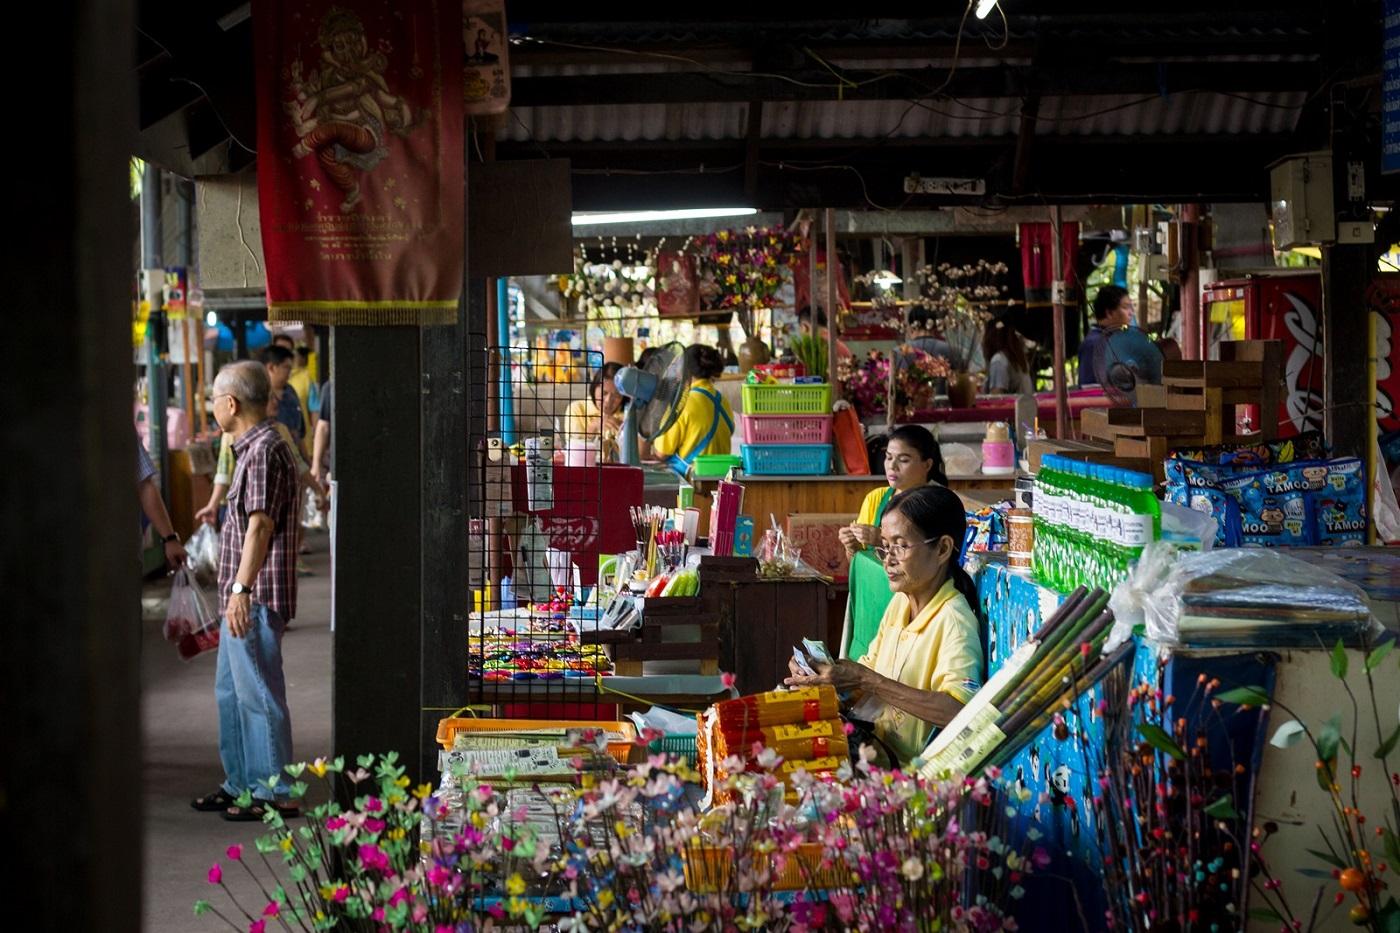 bangkok markets Bang Nam Pheung Floating Market Bang Krachao